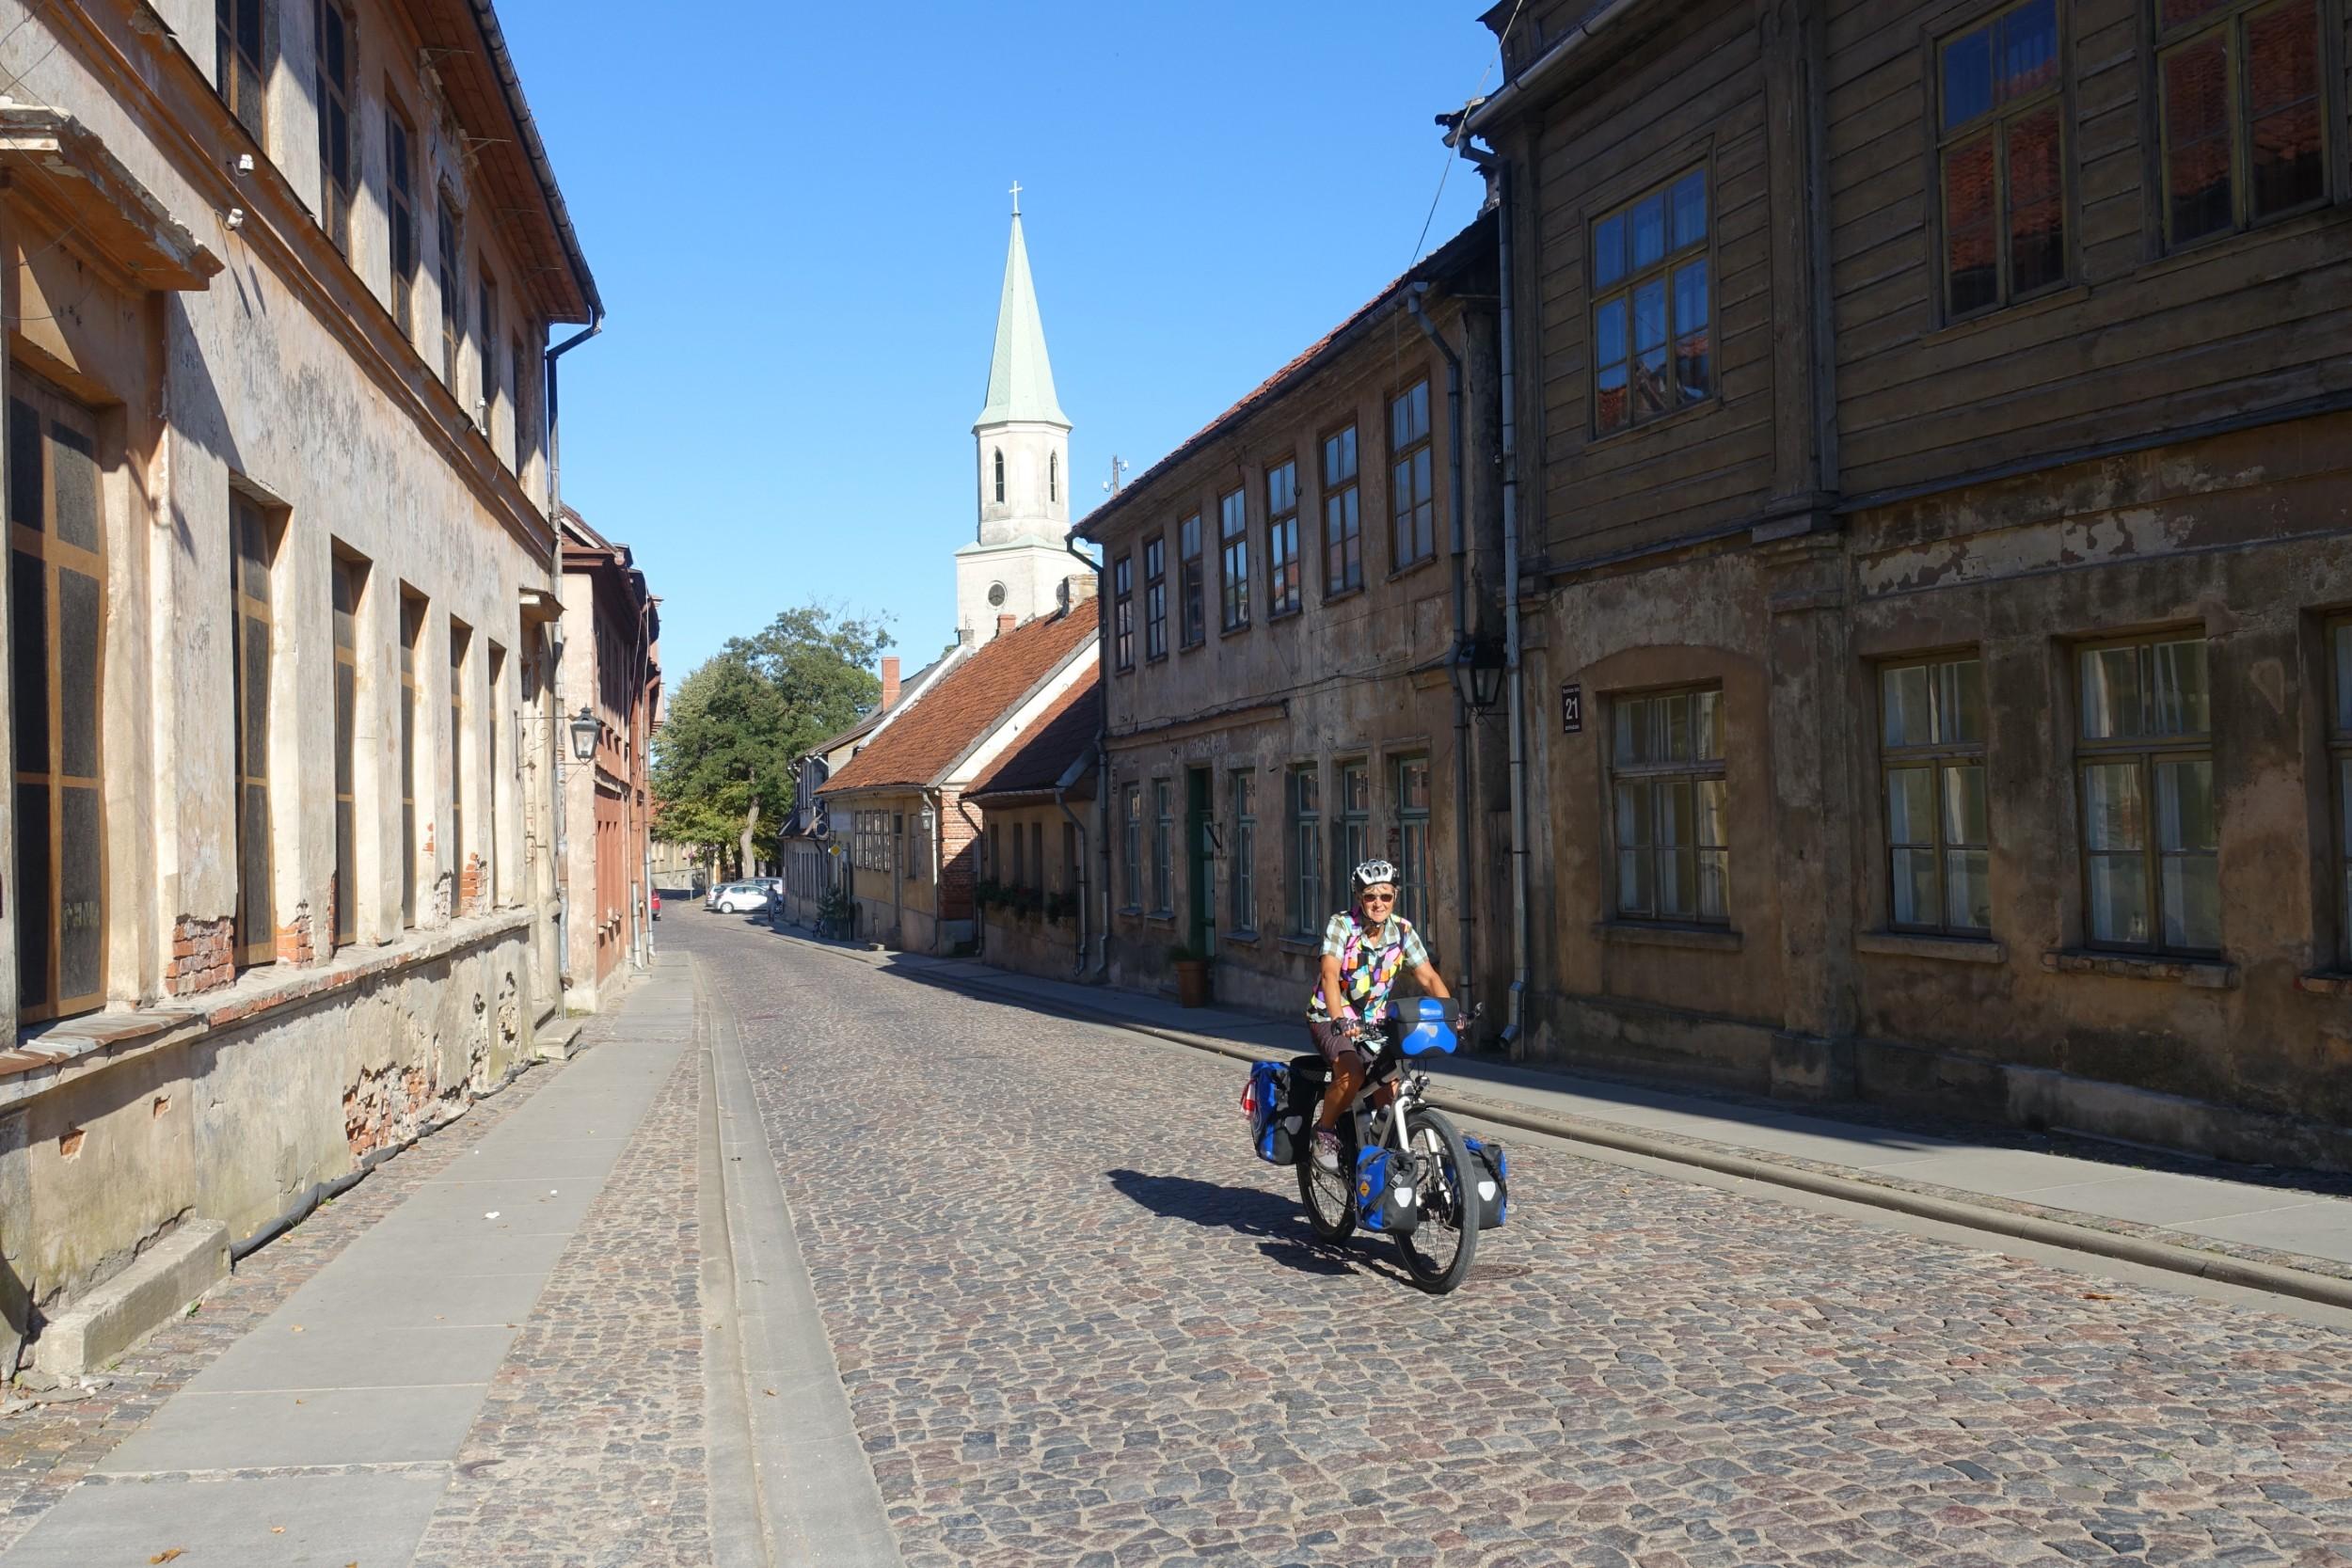 Riding into Kuldiga